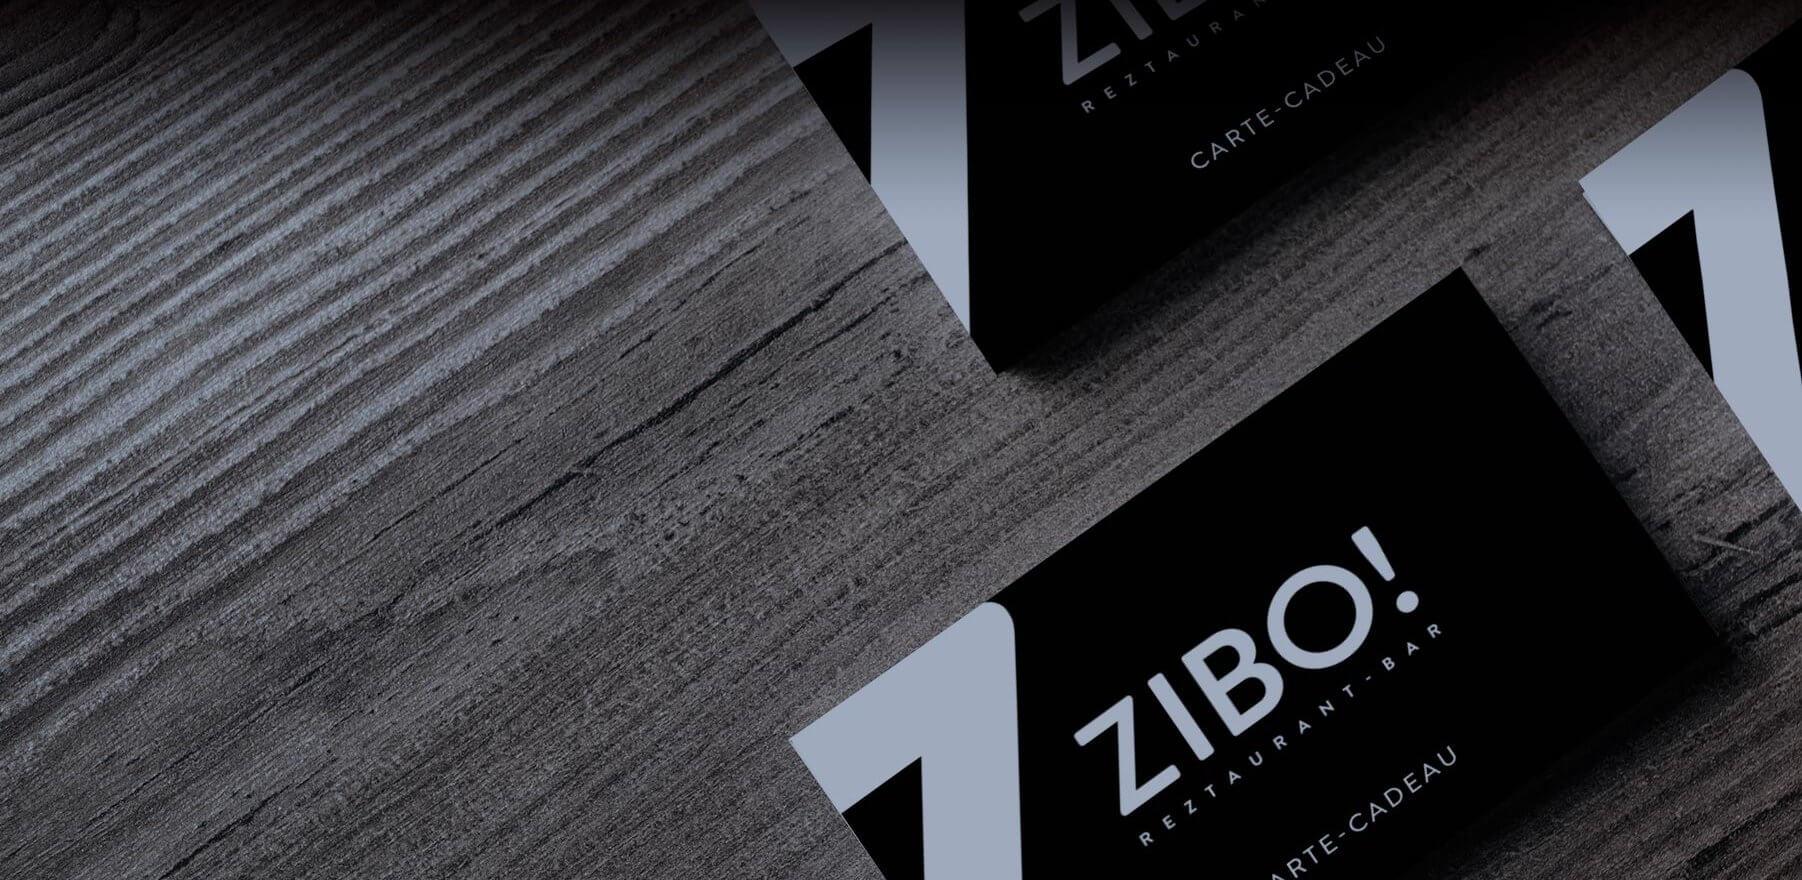 Une carte cadeaux Zibo! sur une table.